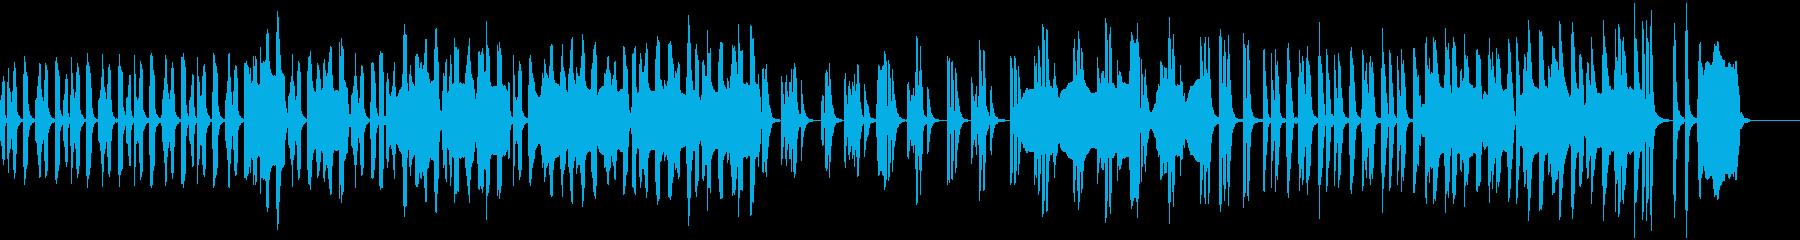 まったりした日常のシンプルな劇伴の再生済みの波形